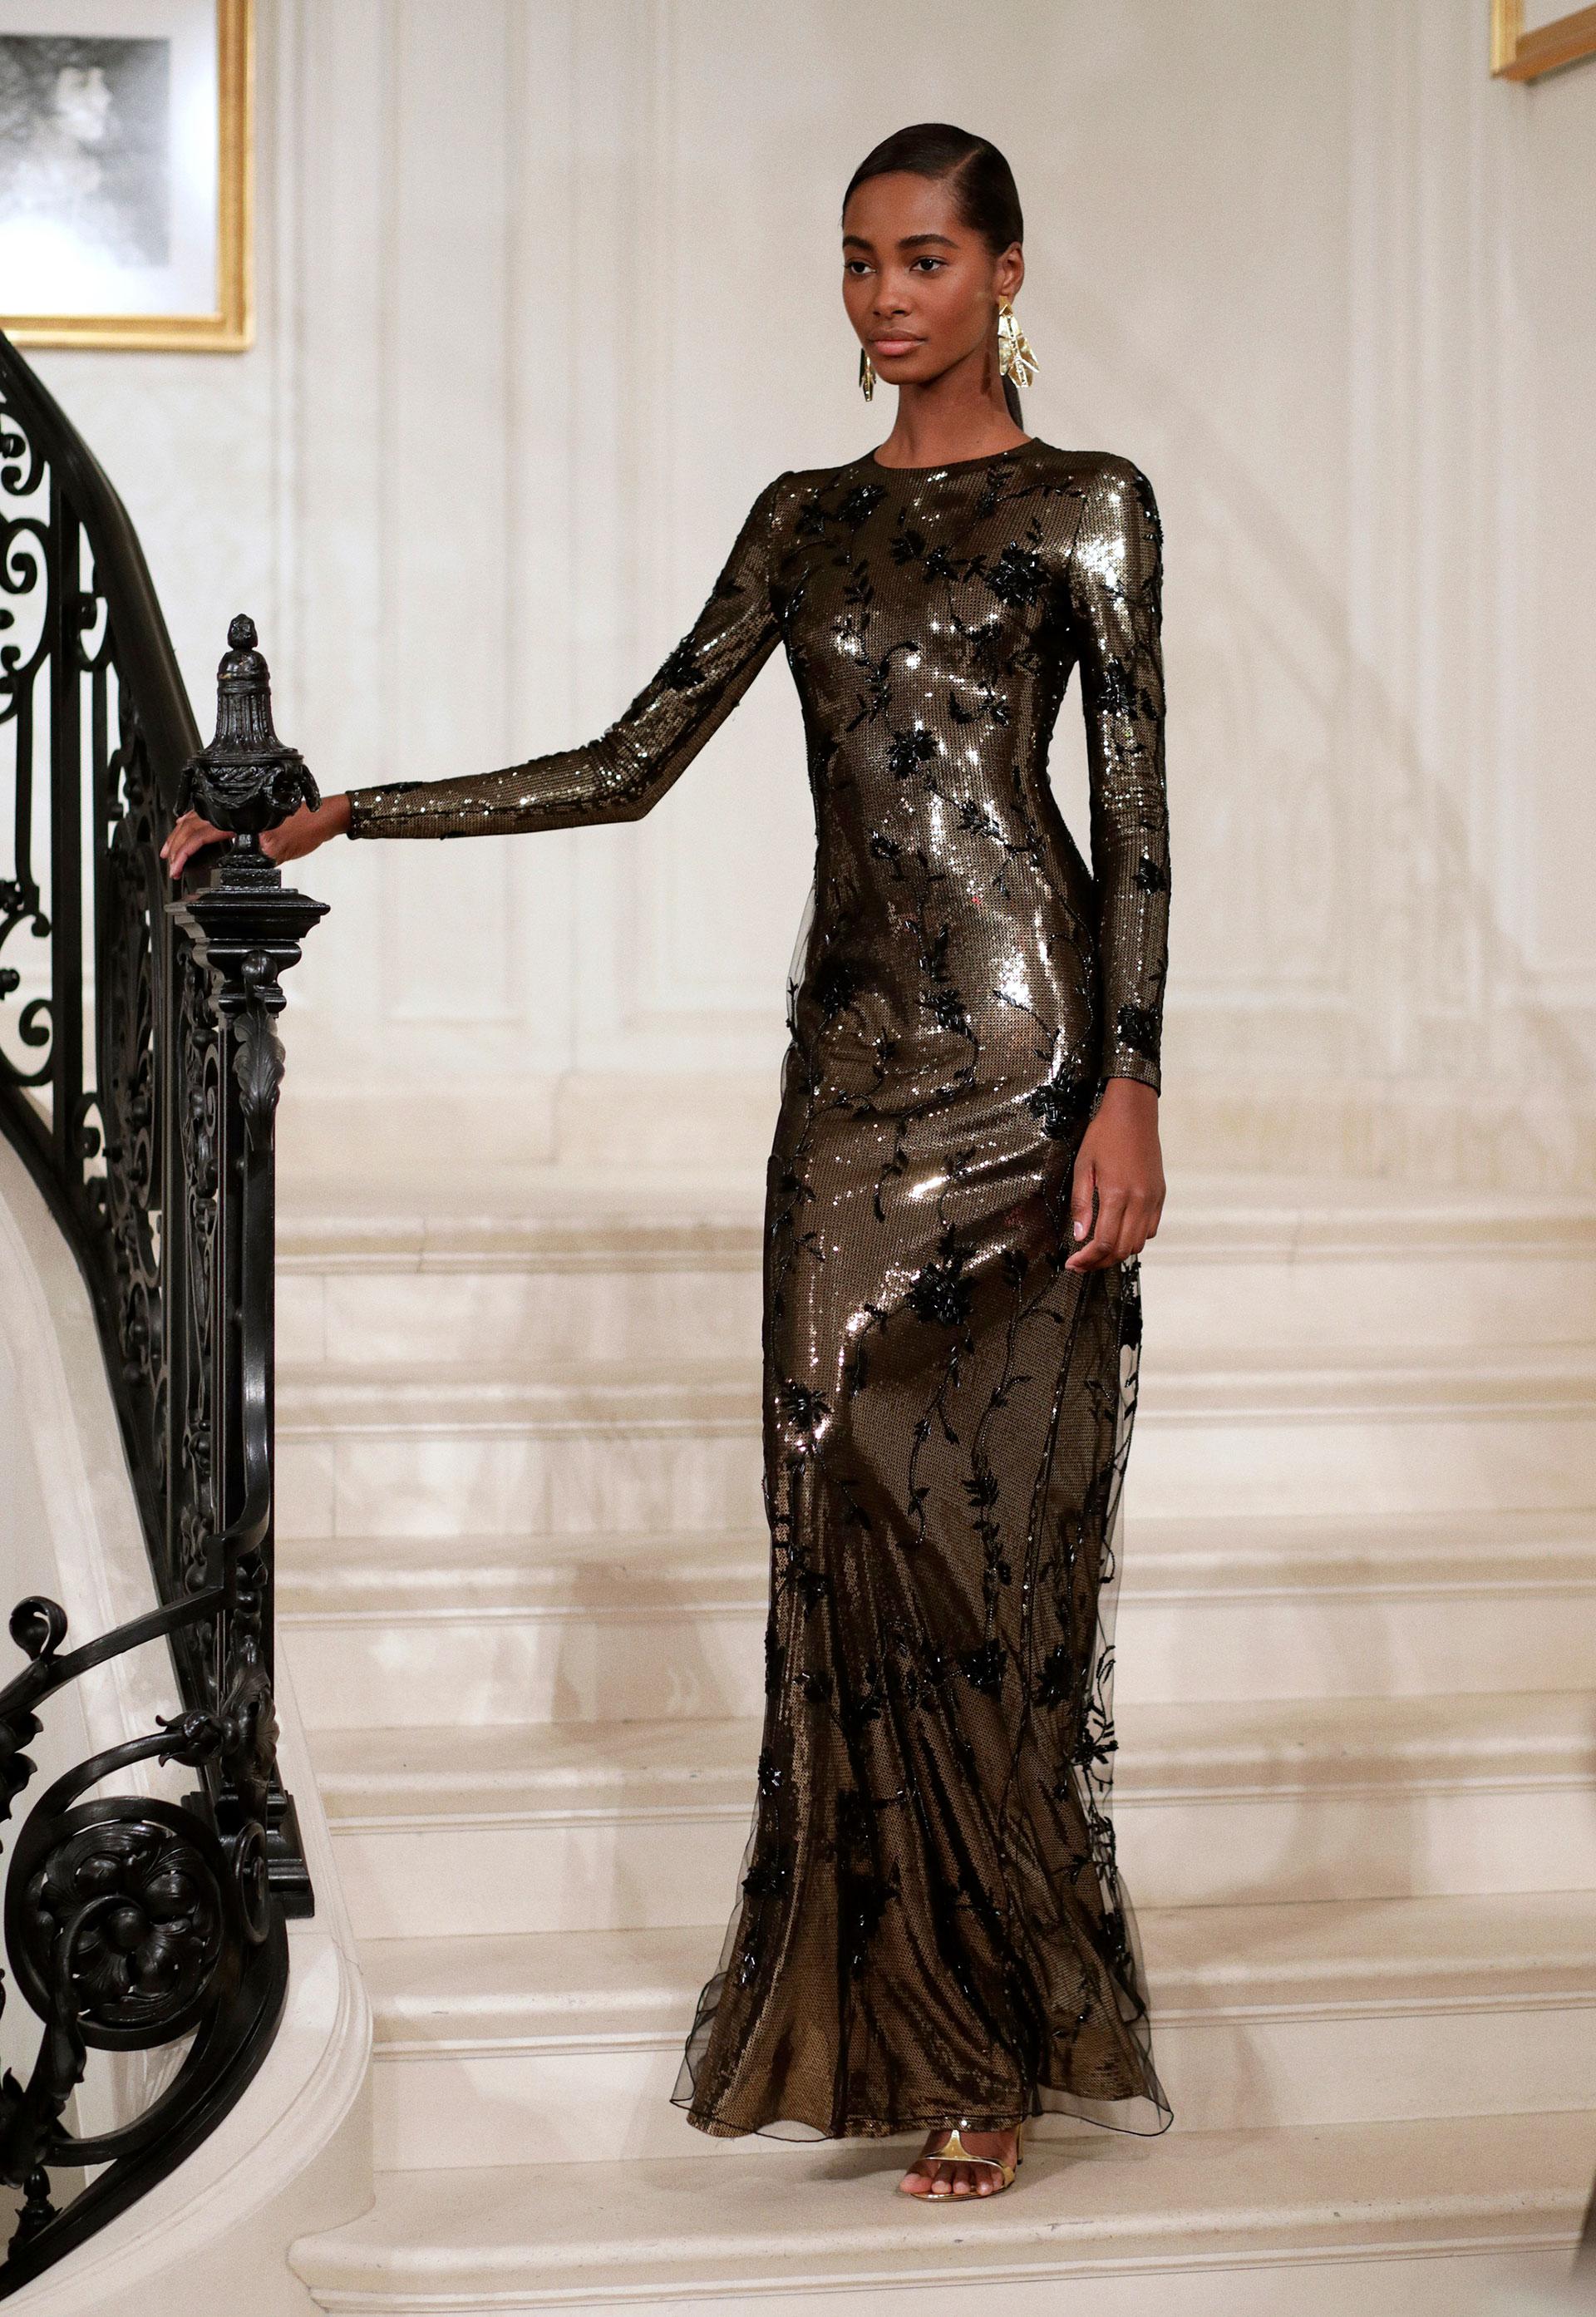 Los vestidos de la línea de haute couture de Ralph Lauren tuvieron su pasada. De paillettes con siluetas al cuerpo resaltando la figura de la mujer de mangas largas con sandalias y accesorios en dorado